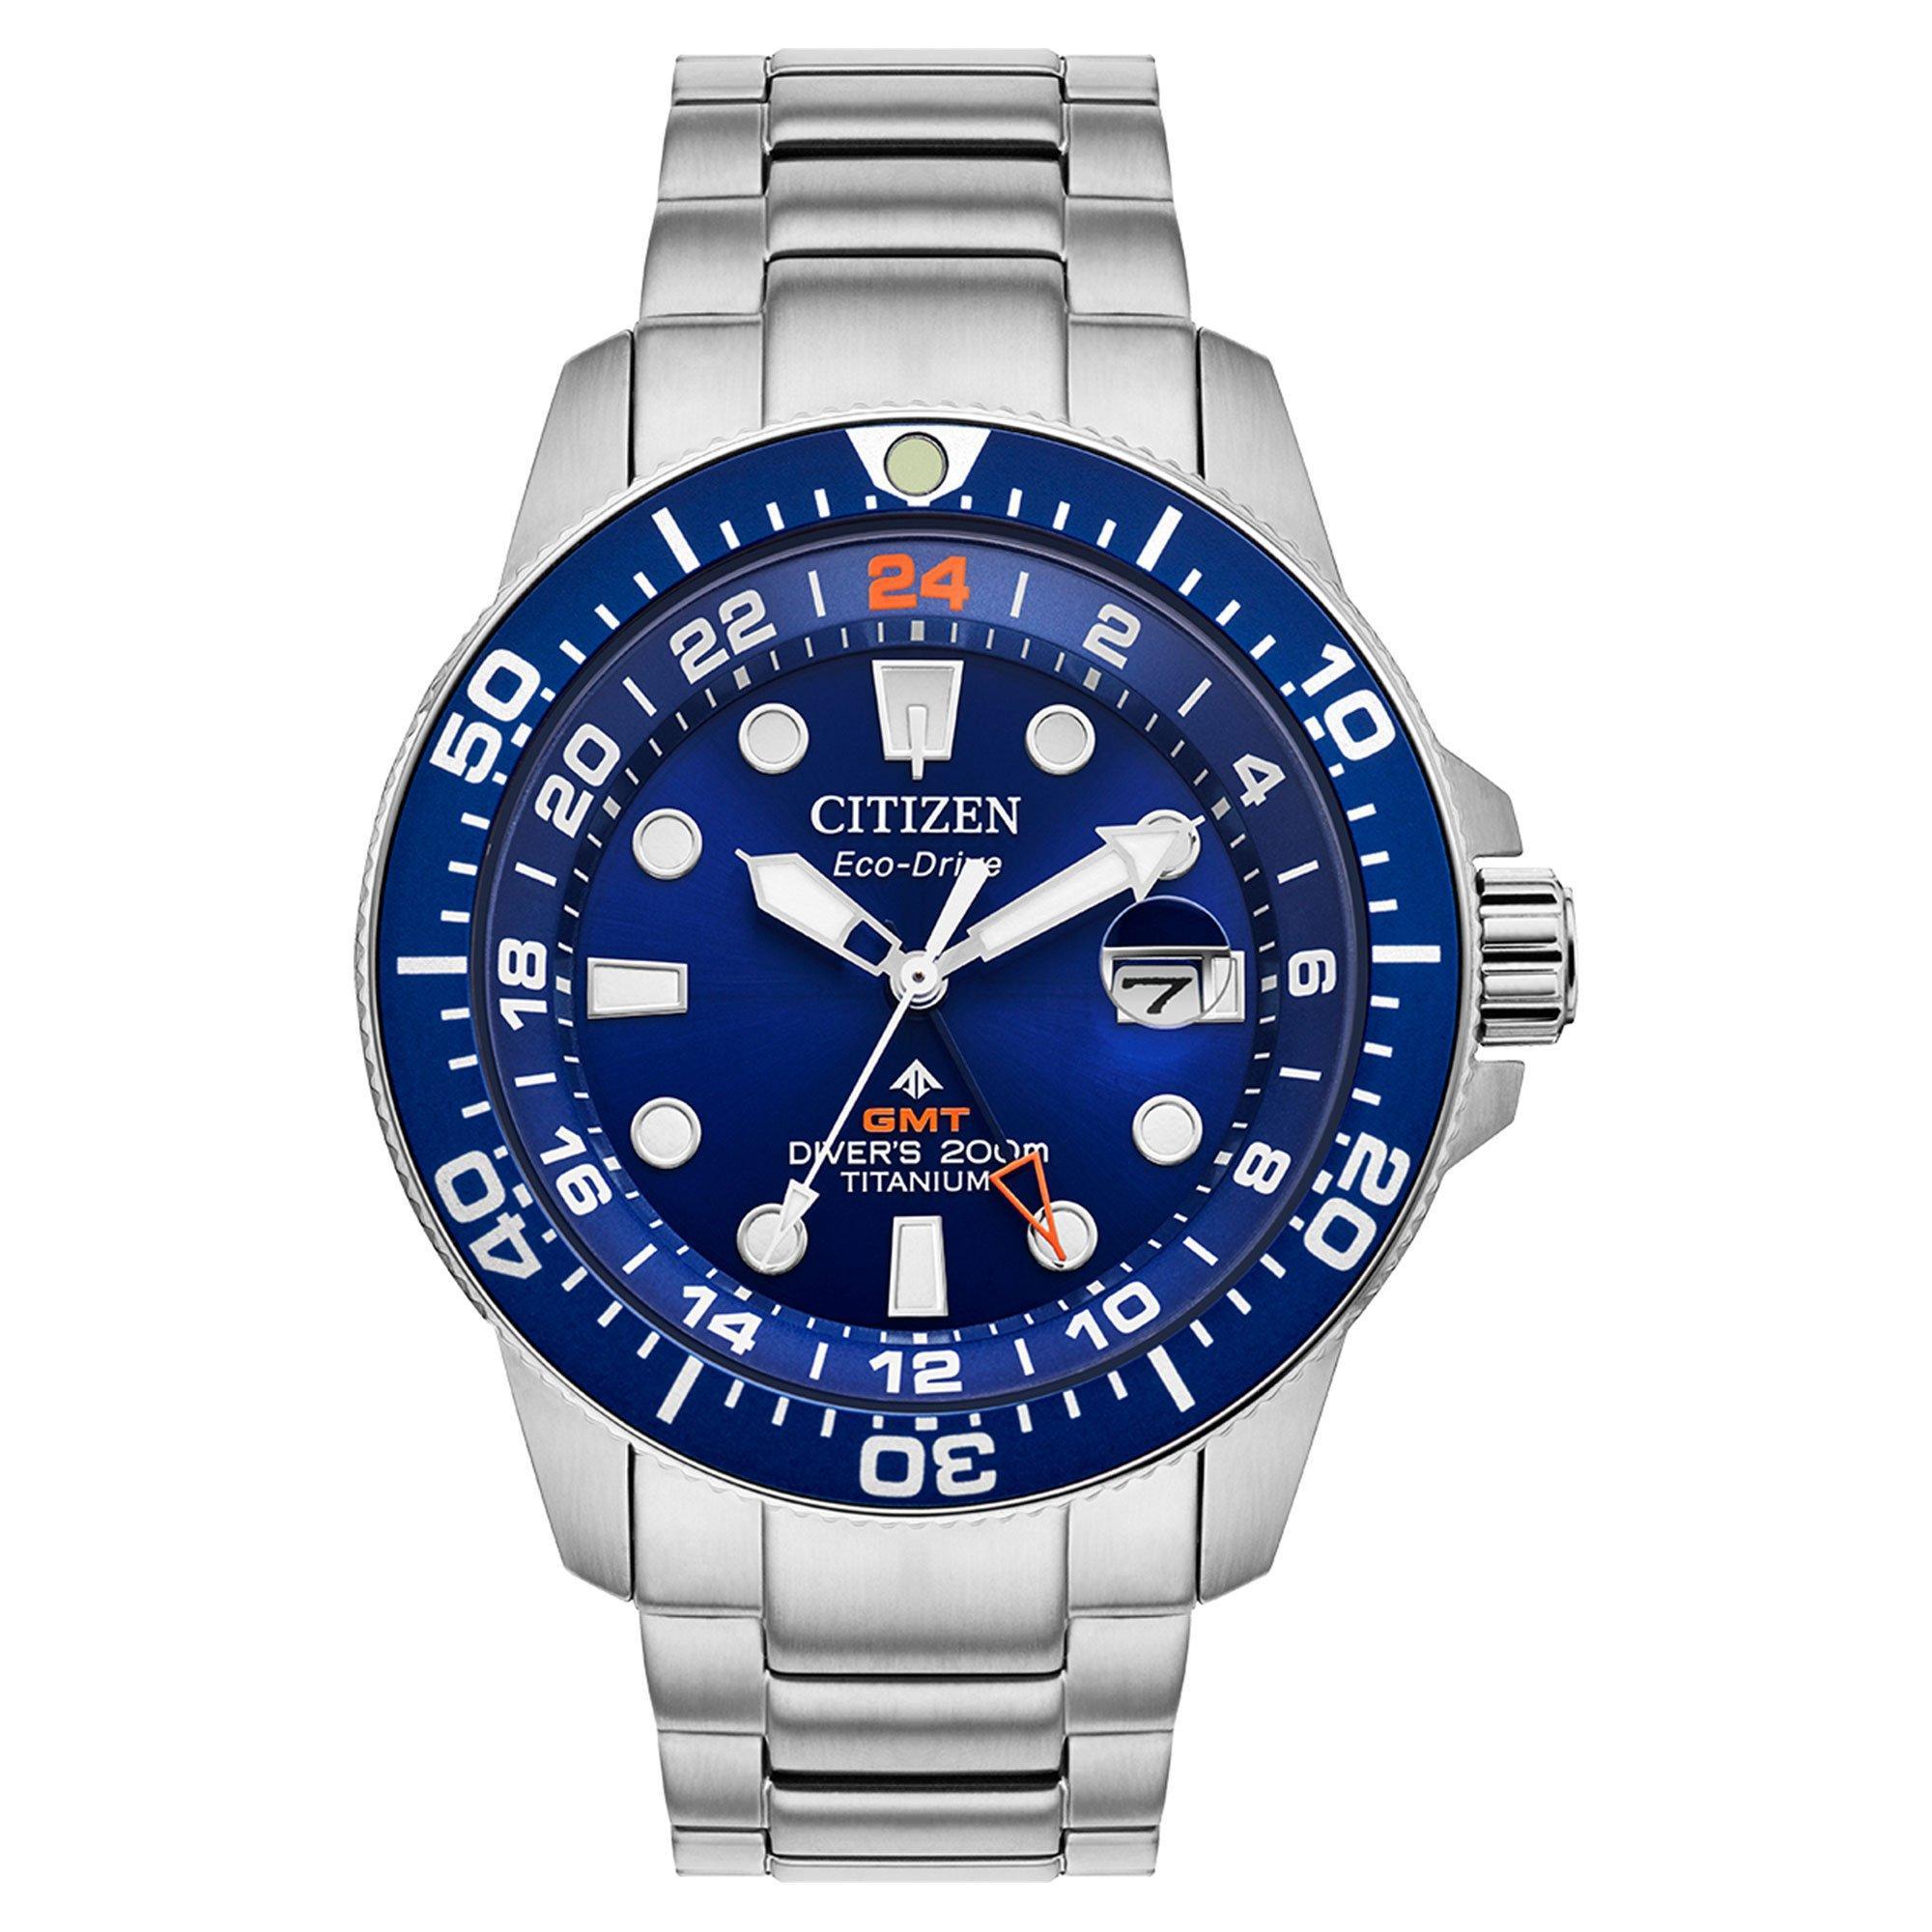 Citizen Promaster Diver GMT Super Titanium Men's Watch